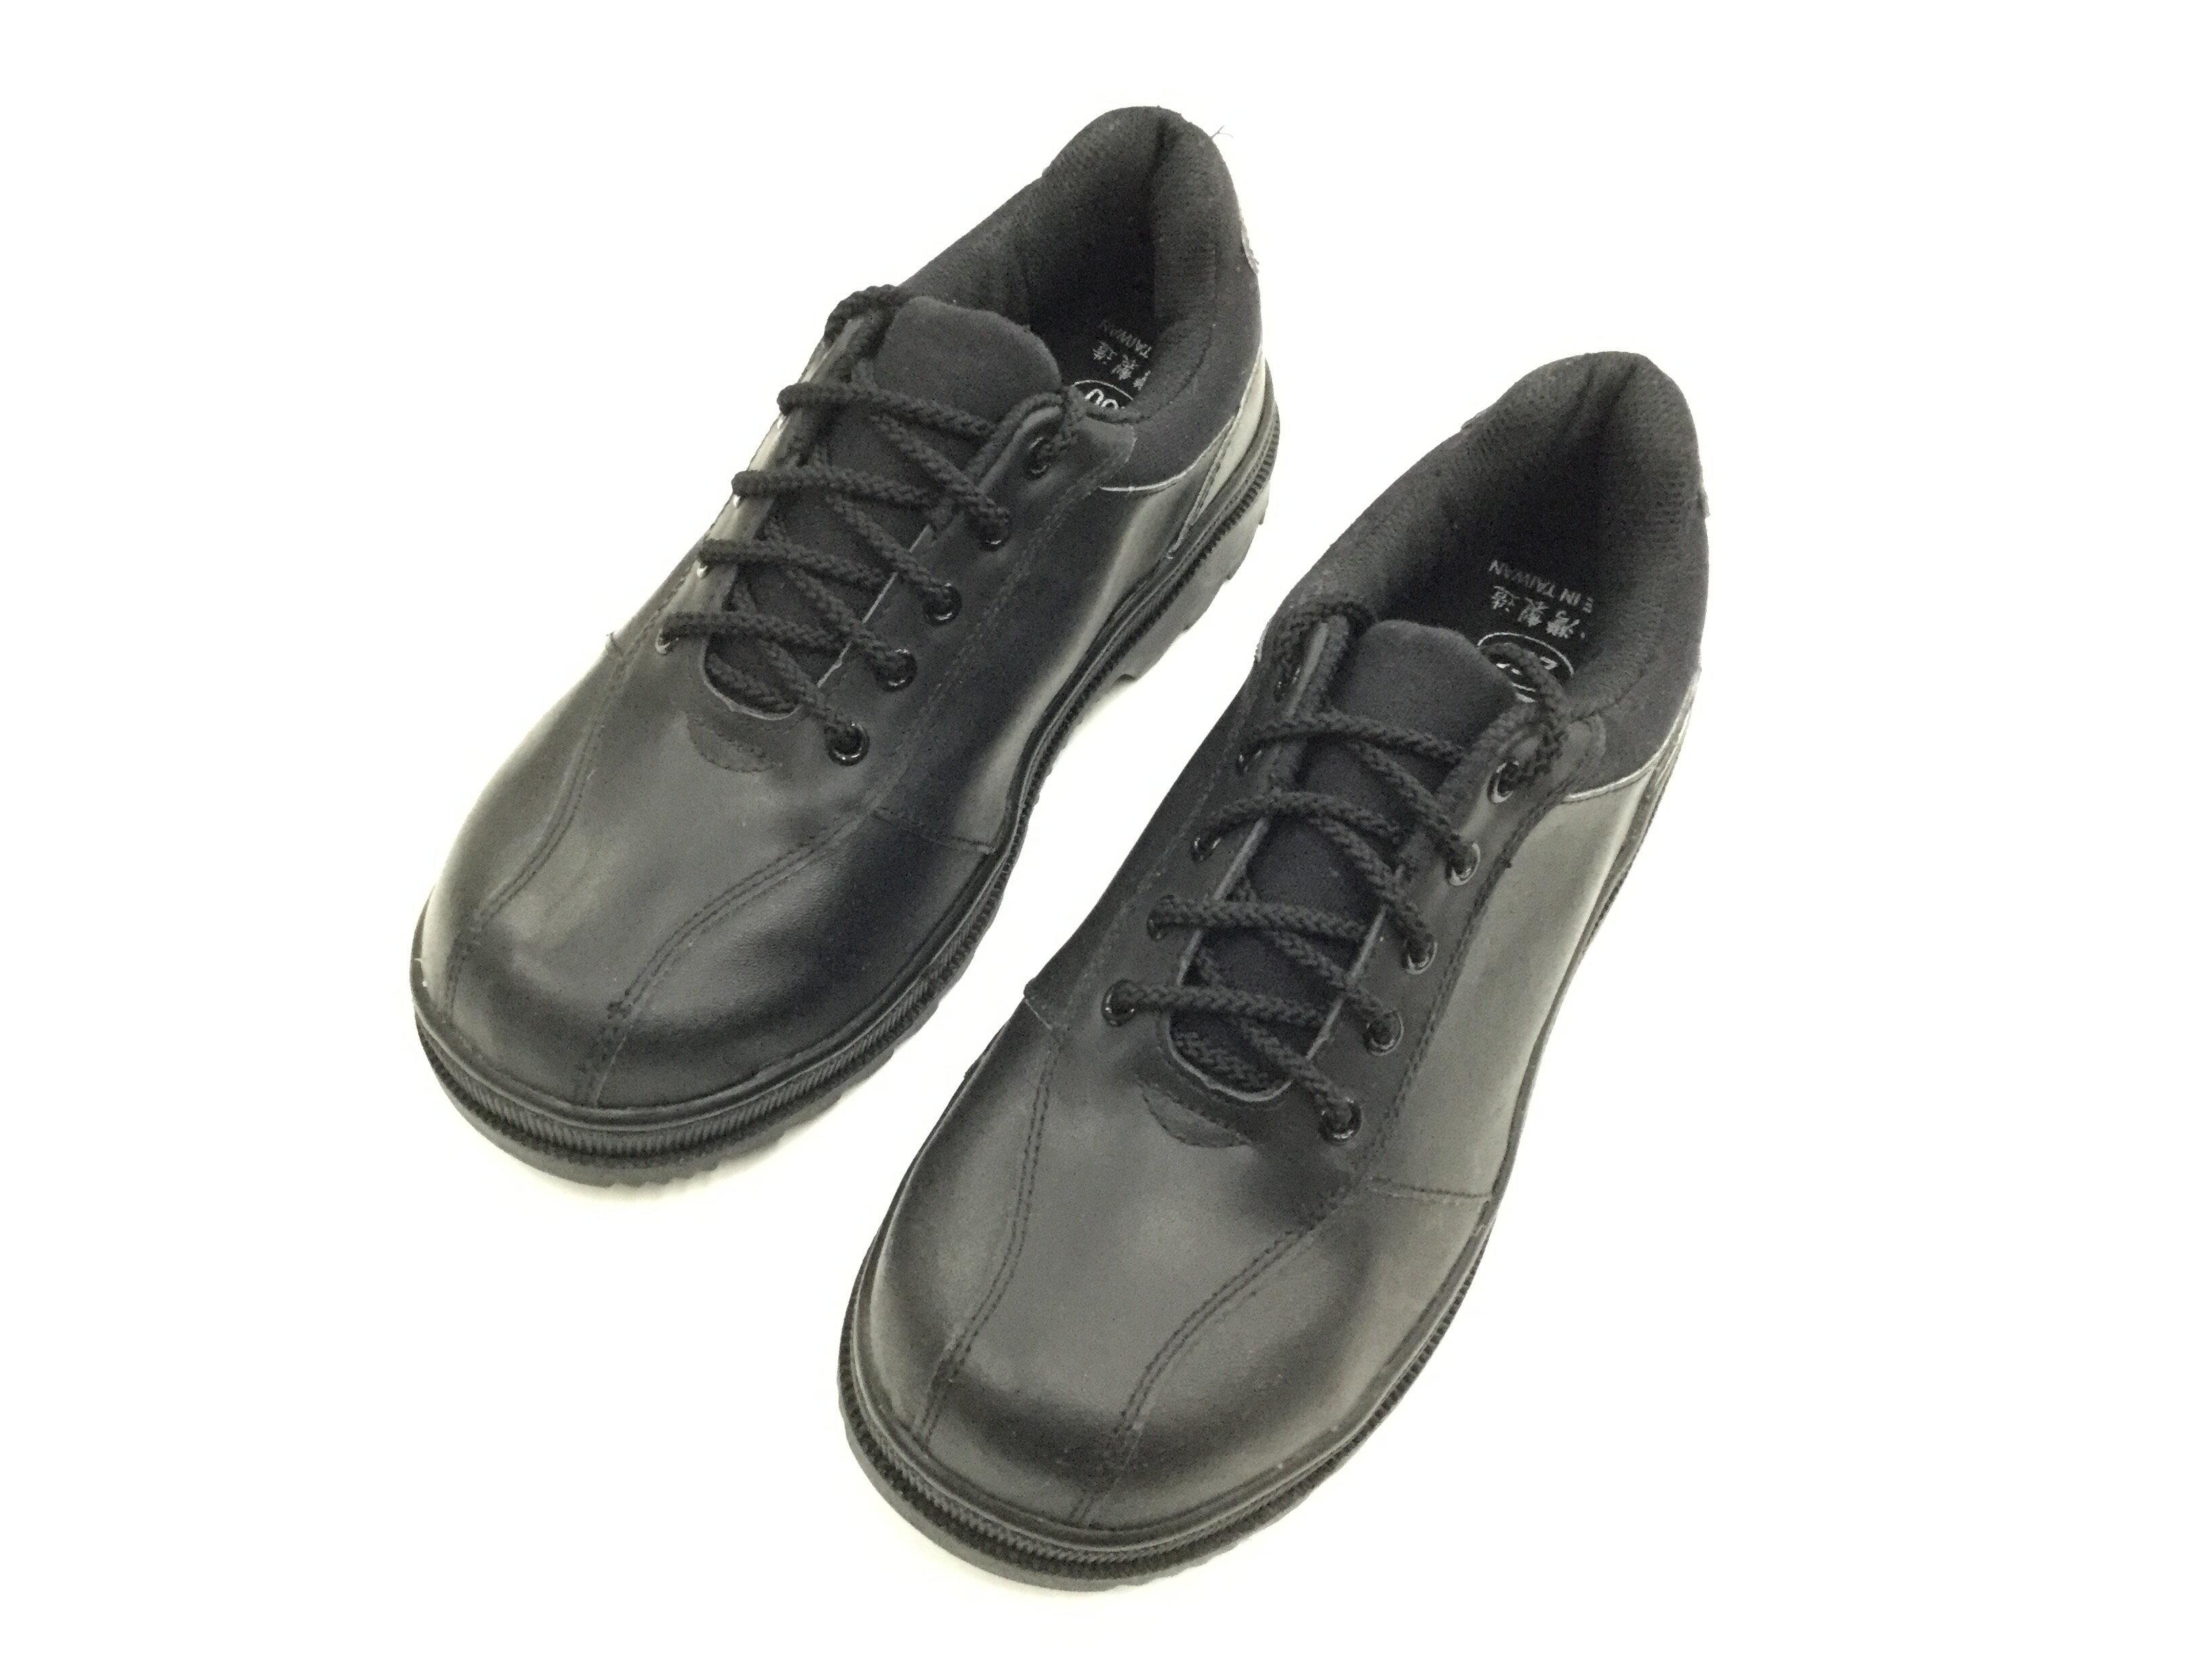 ※555鞋※鐵客 鞋帶款 安全鞋1365 黑色 耐滑大底 工作鞋 鋼頭鞋 台灣製造~品質保證※贈送襪子~